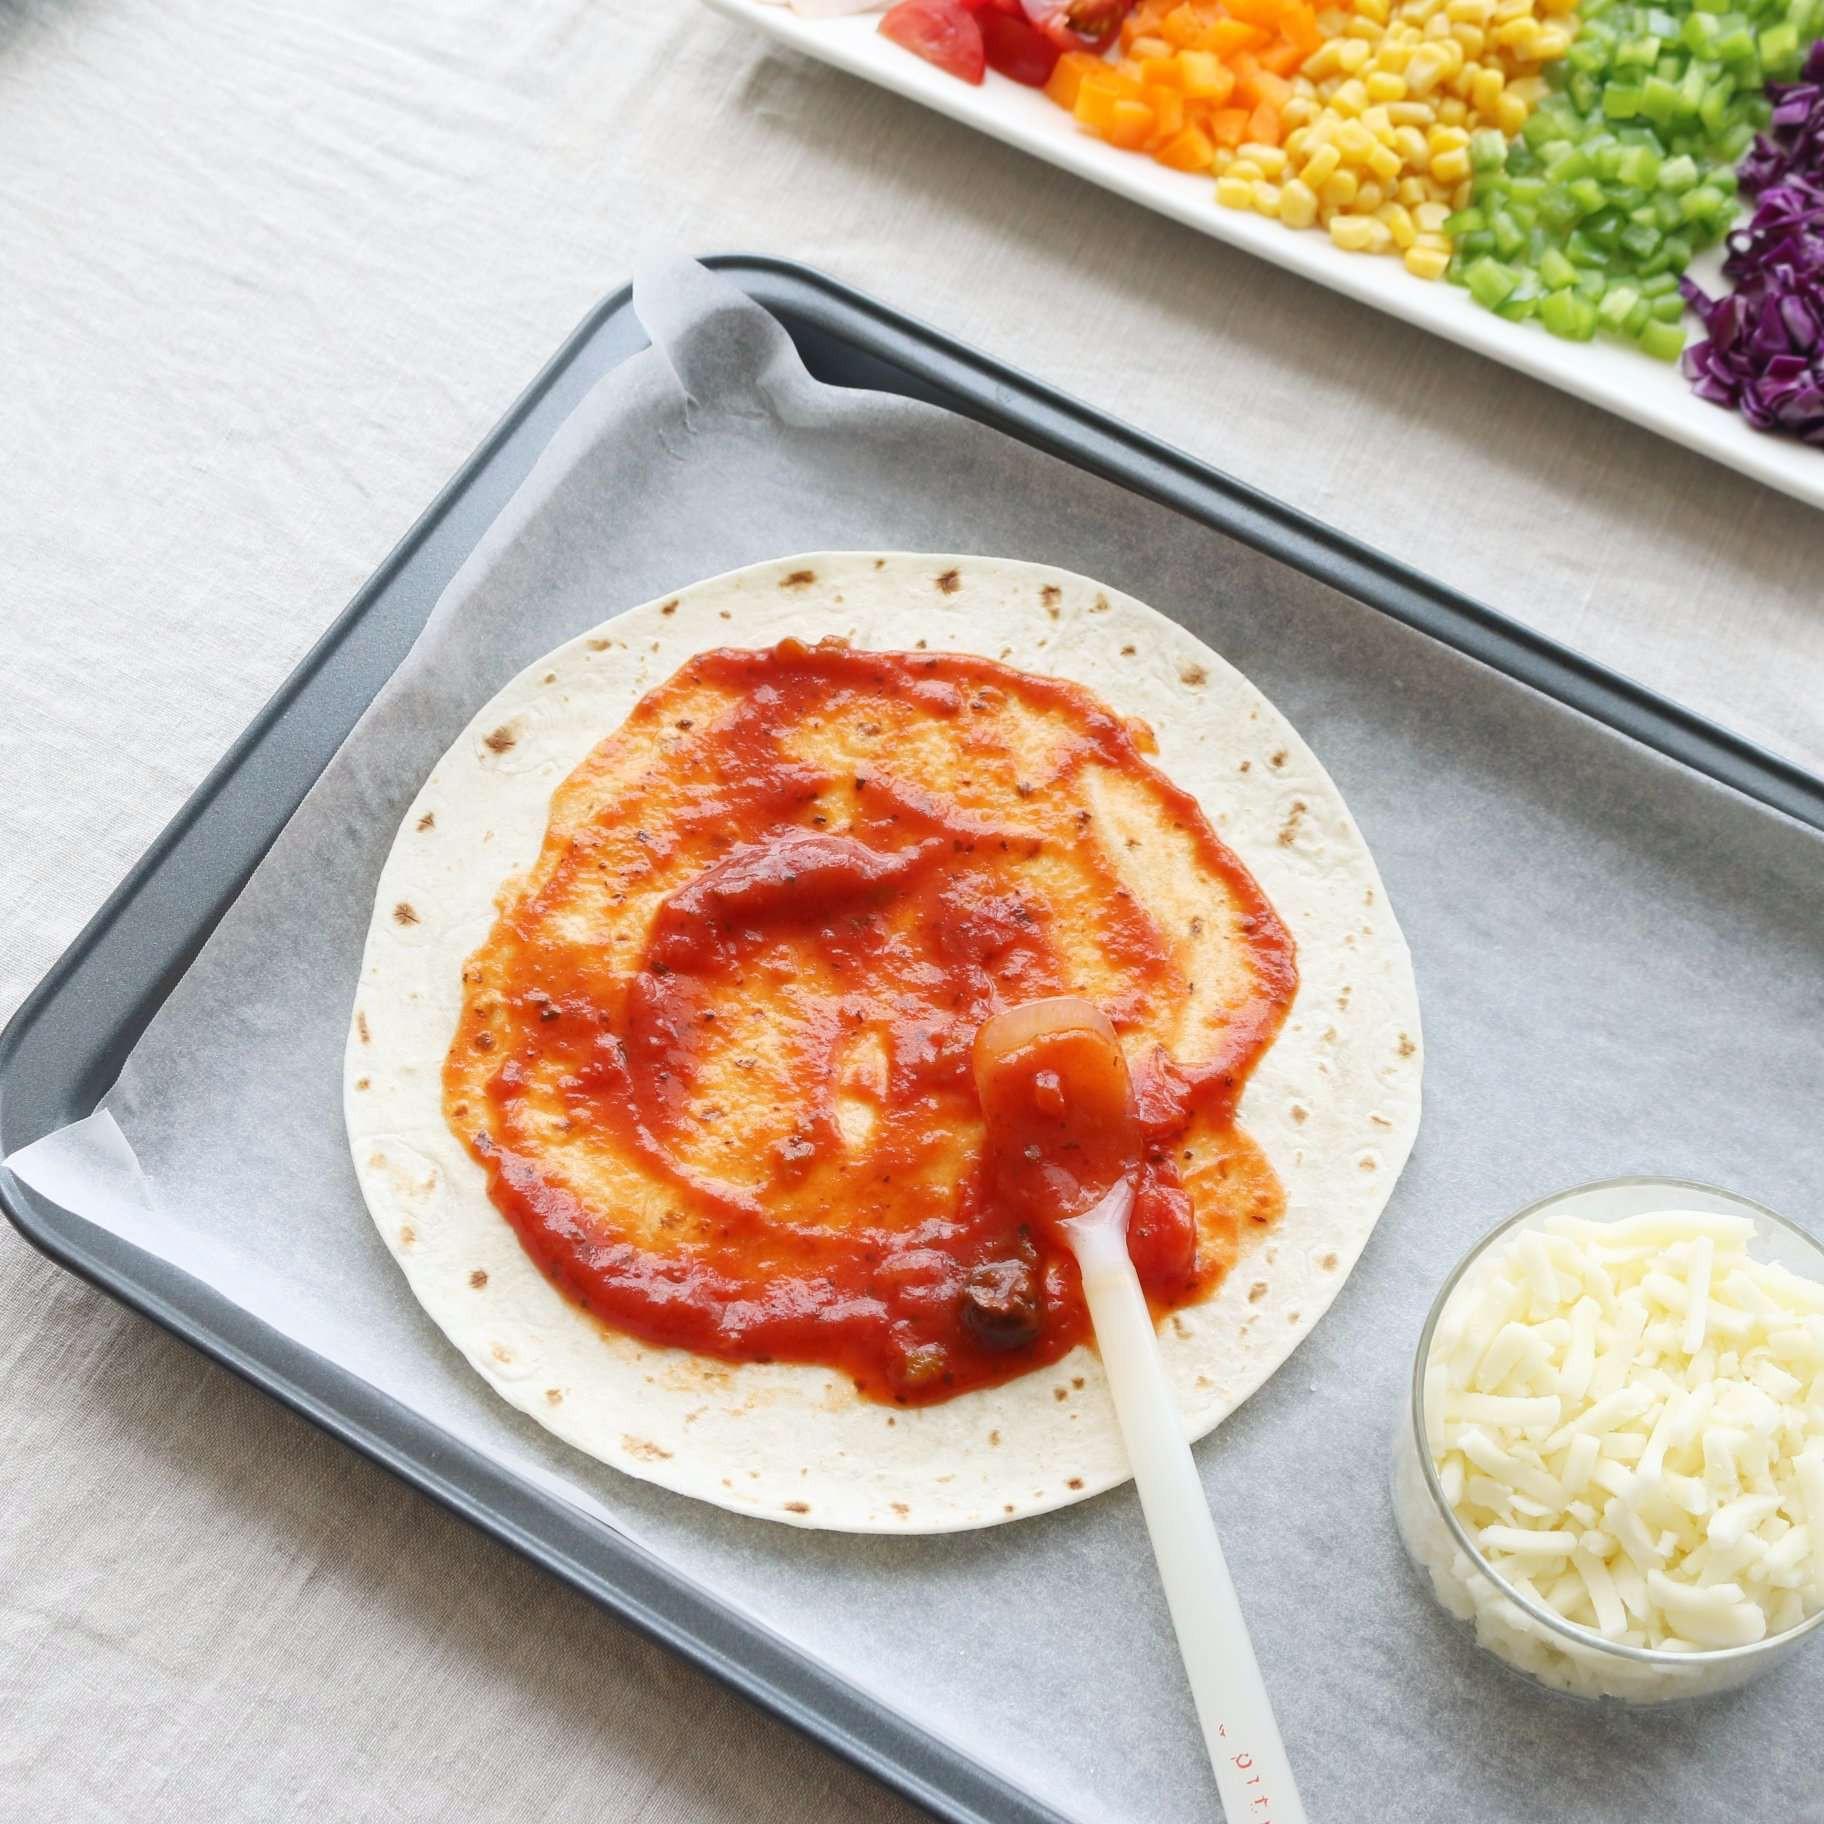 Bật mí công thức pizza cầu vồng cực đơn giản nhưng hút mắt vô cùng - Ảnh 3